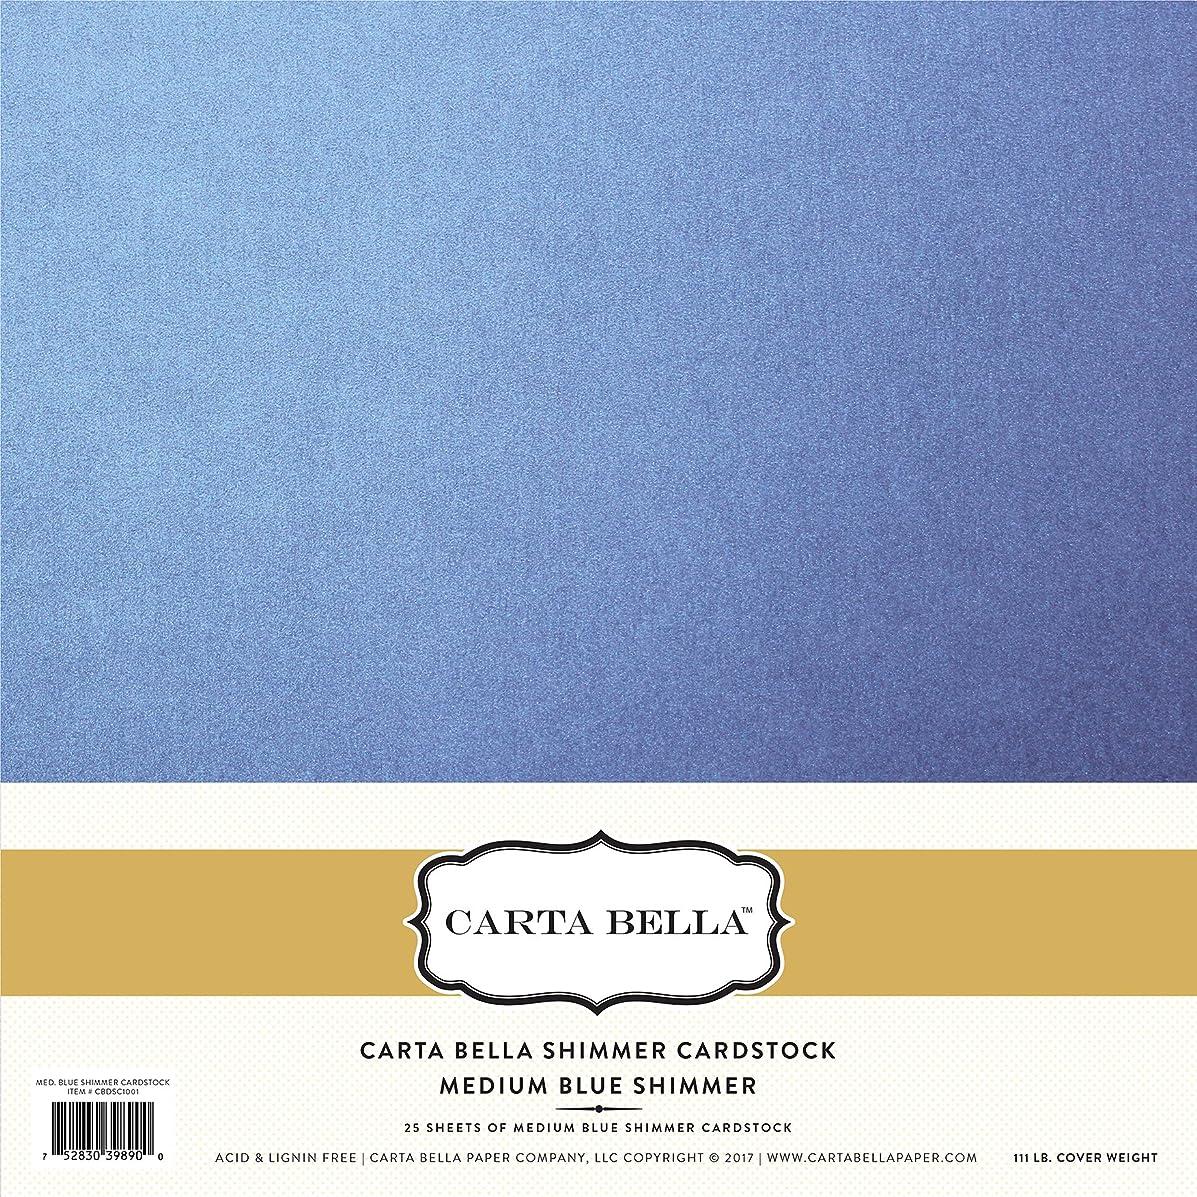 Carta Bella Paper Company Med 92lb Medium Blue Shimmer Cardstock 111lb. Cover